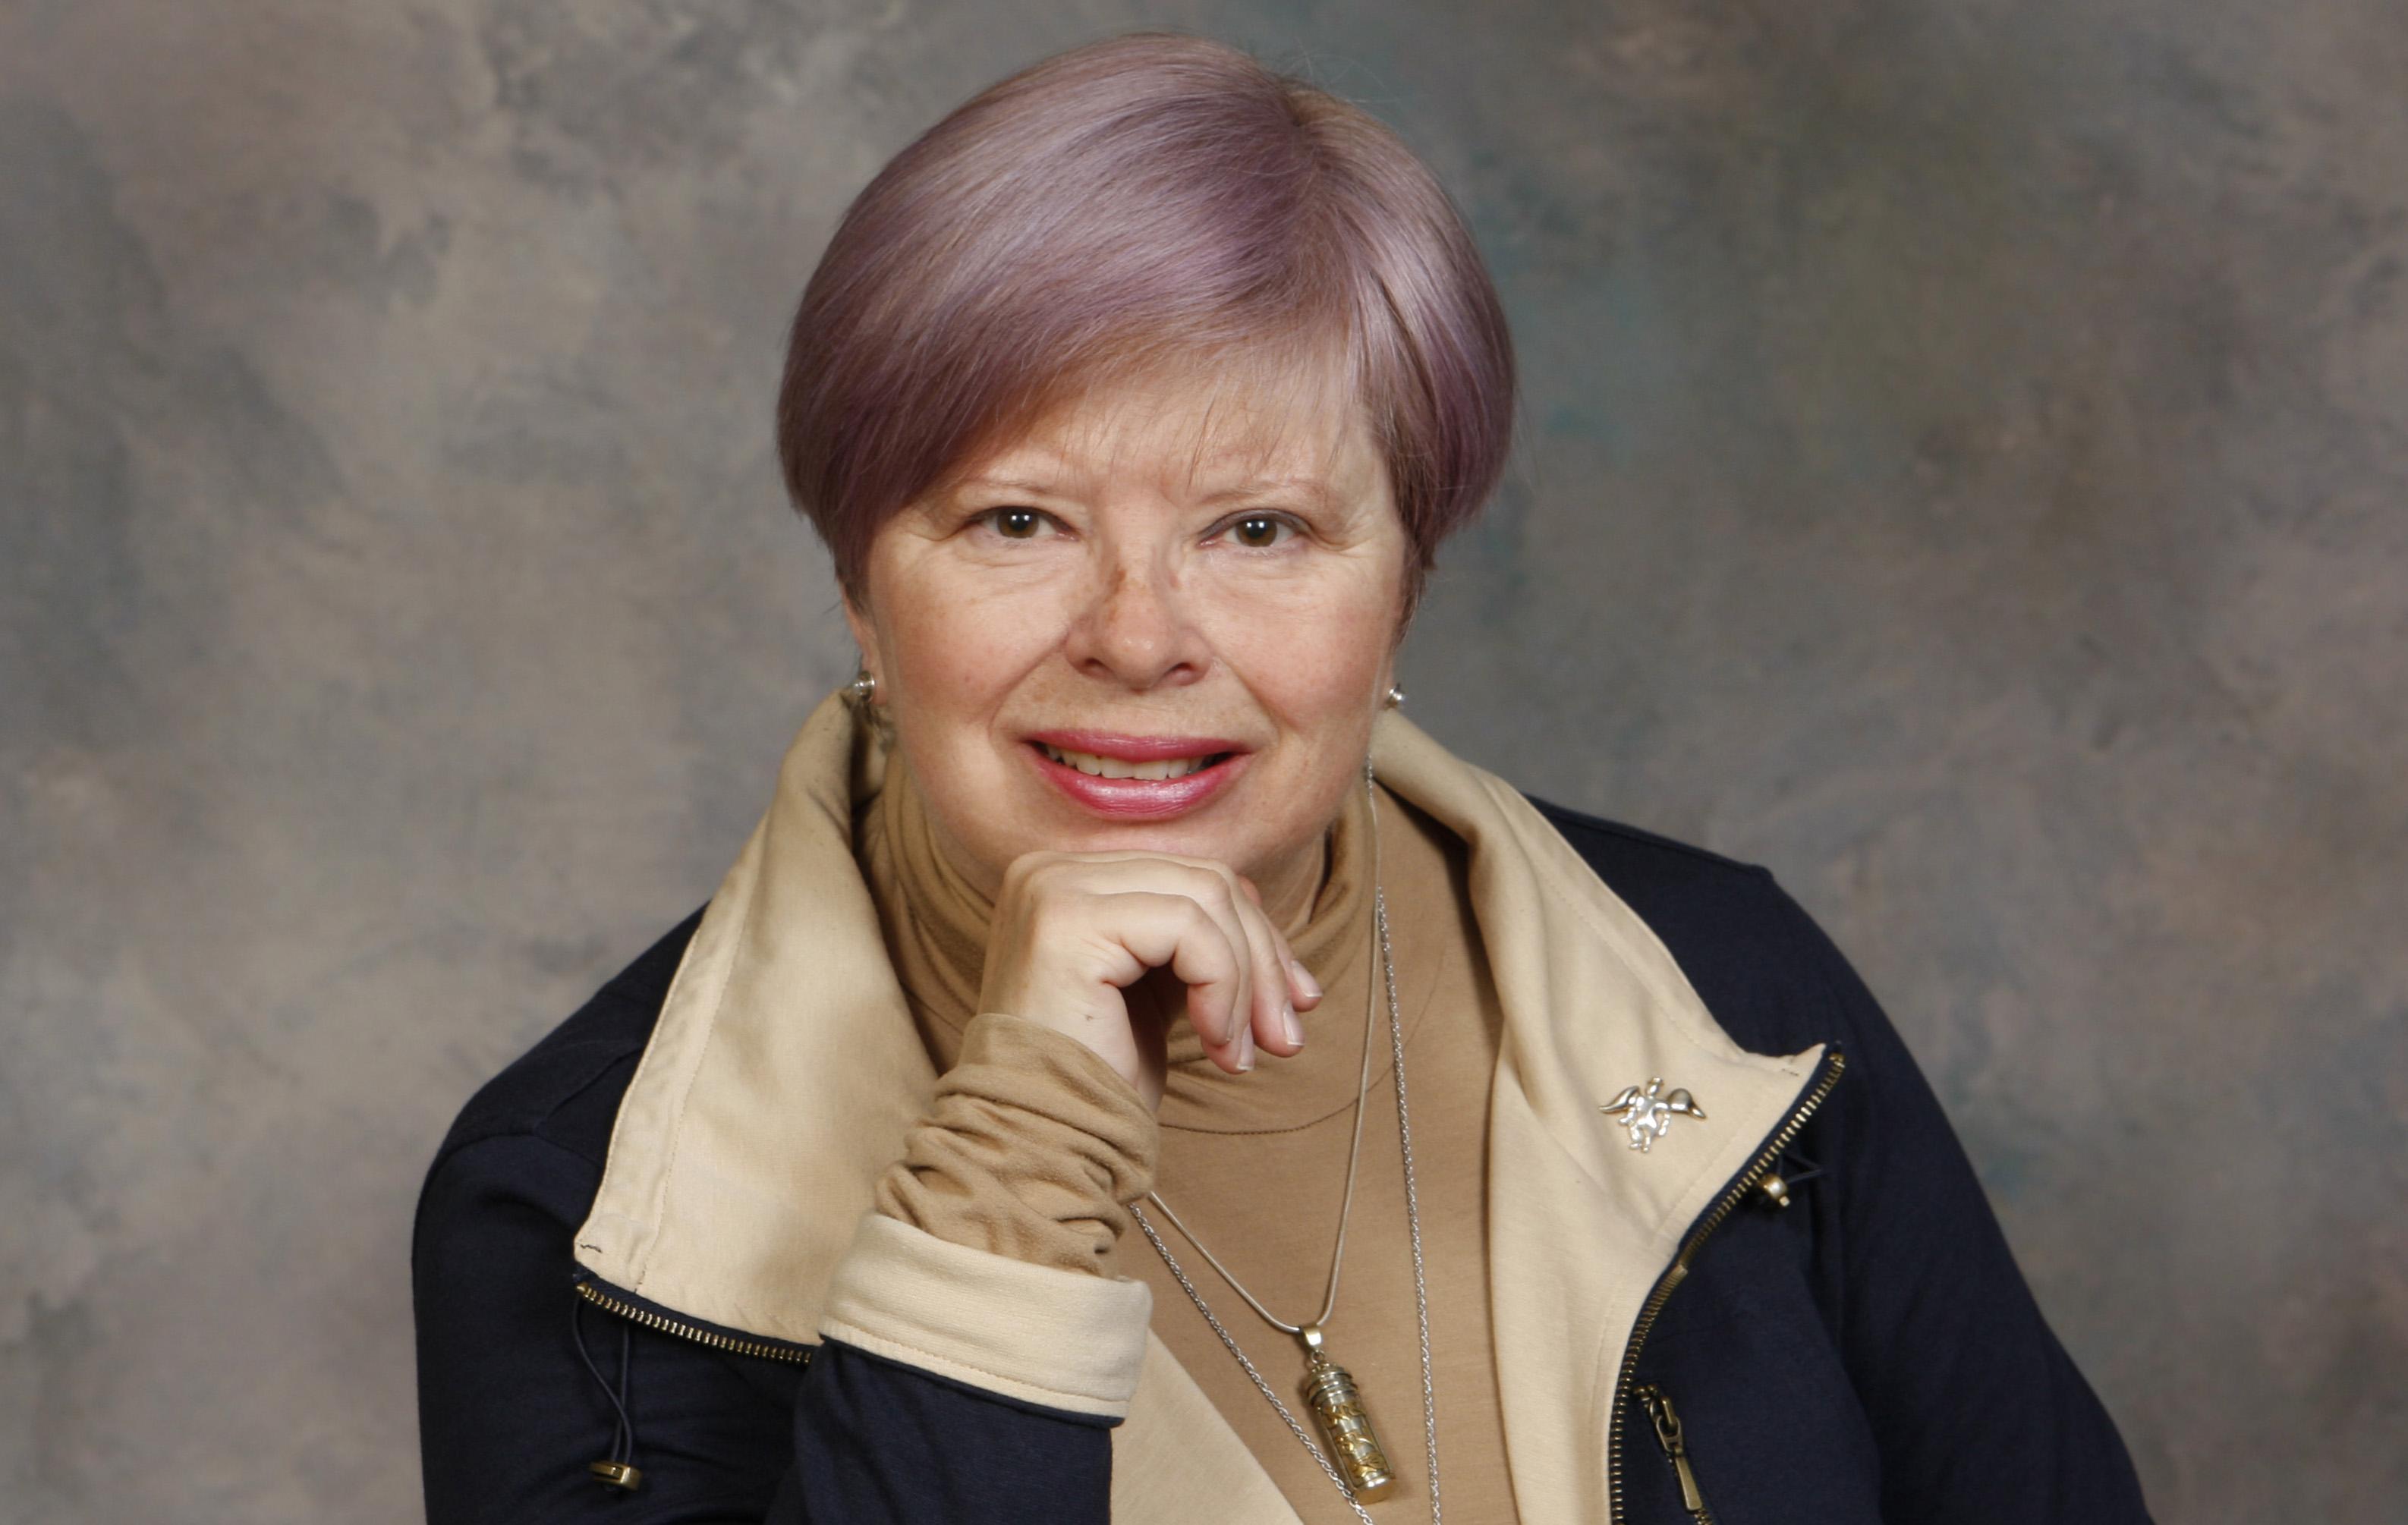 Photo of Joanna Estelle